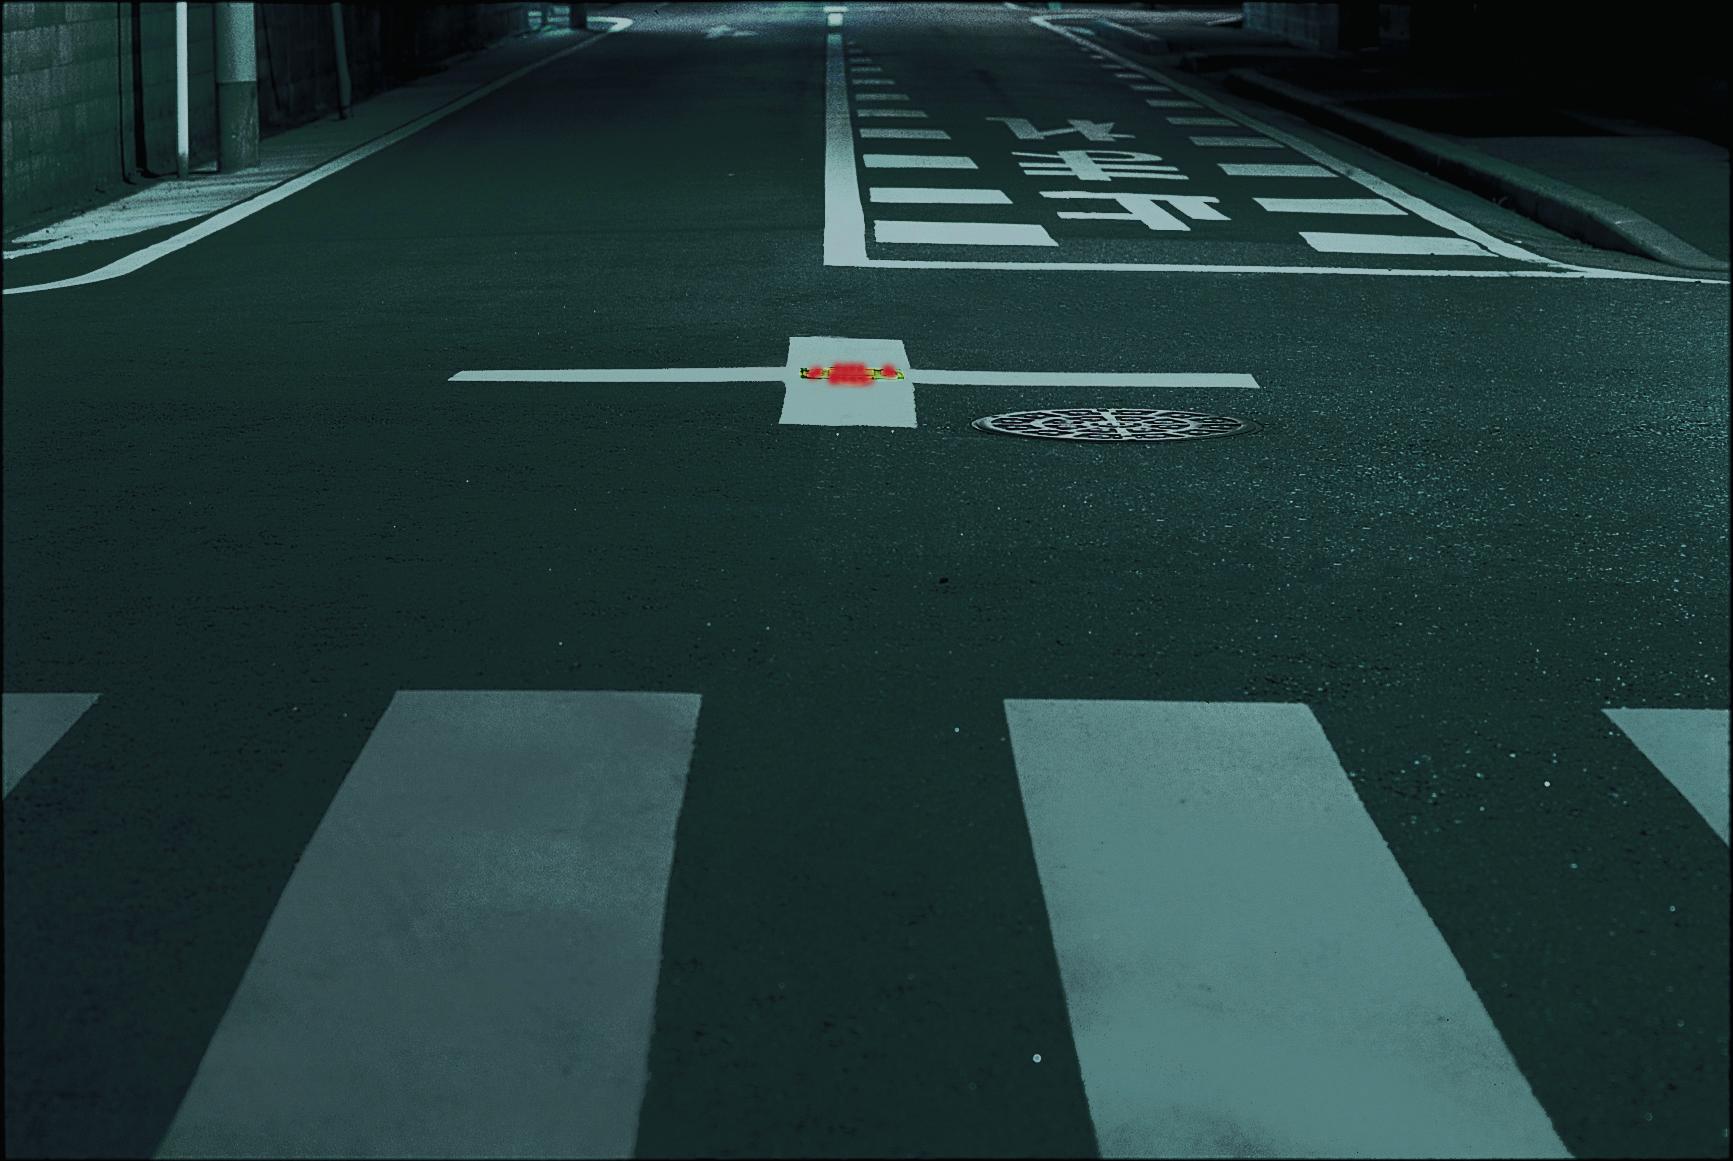 交差点の安全を確保する、電源不要の交差点道路鋲